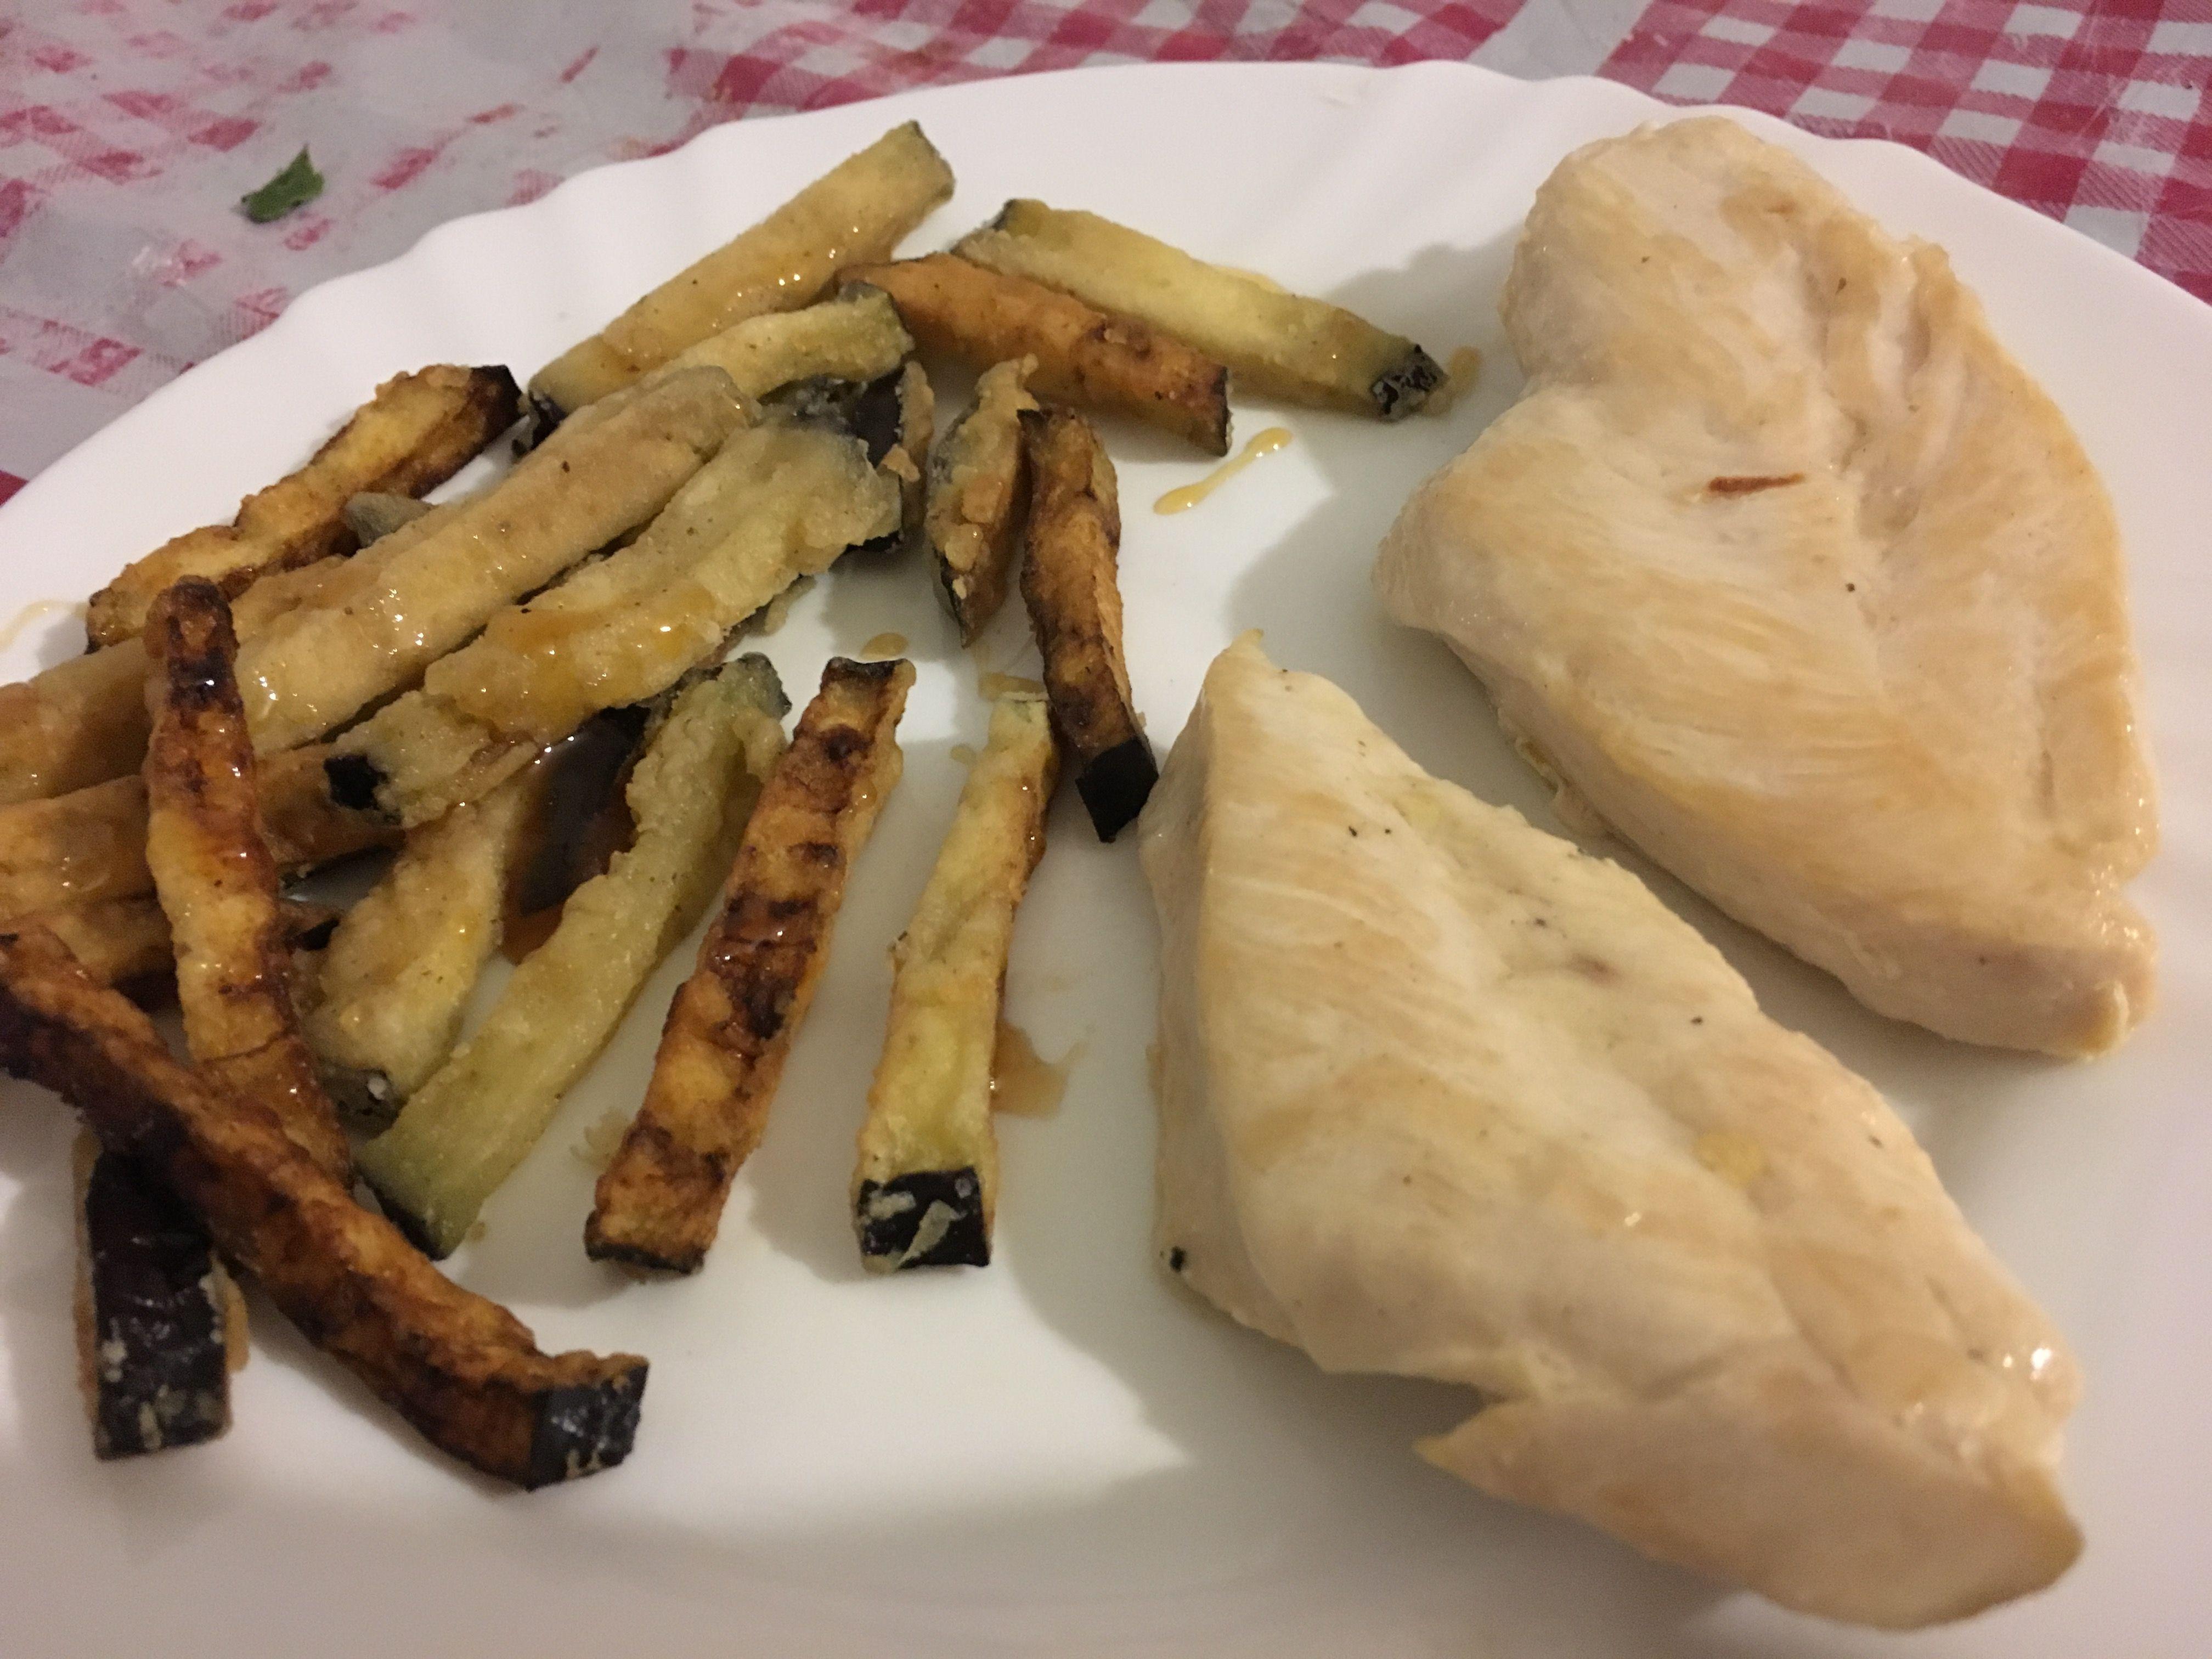 Berenjenas fritas y pollo a la plancha